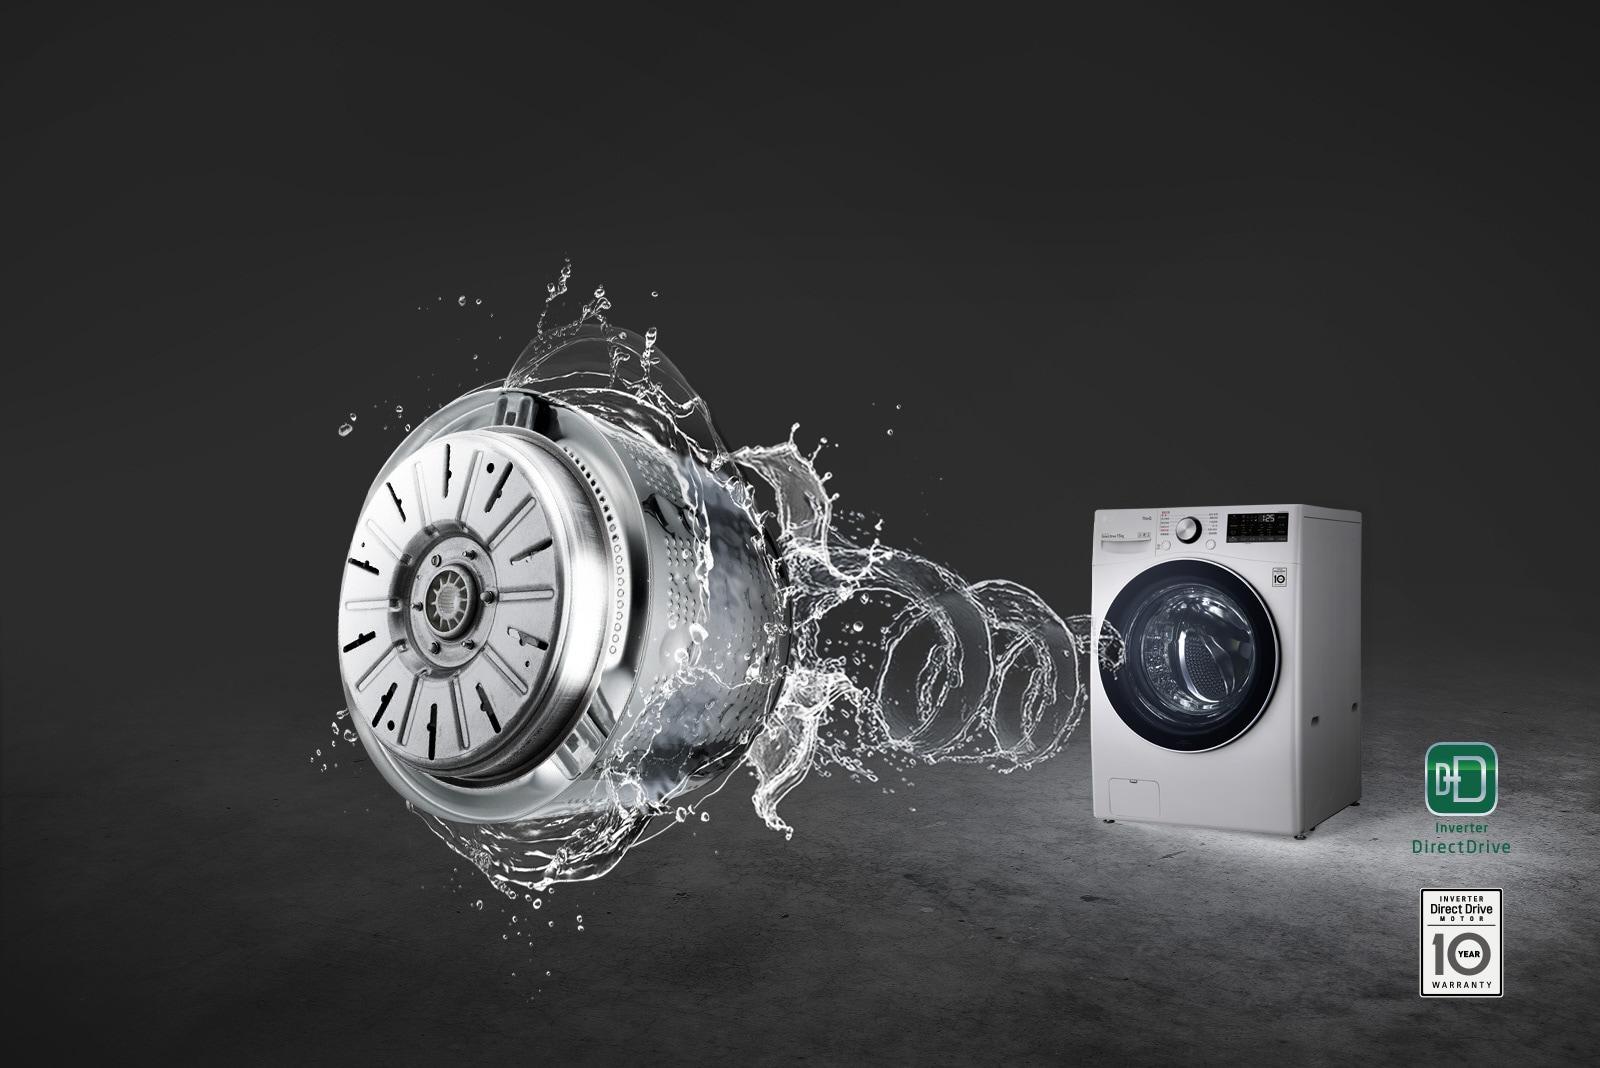 灰色背景前有一台滾筒洗衣機,水漩渦從前部湧出,形成了直驅變頻機械構造。